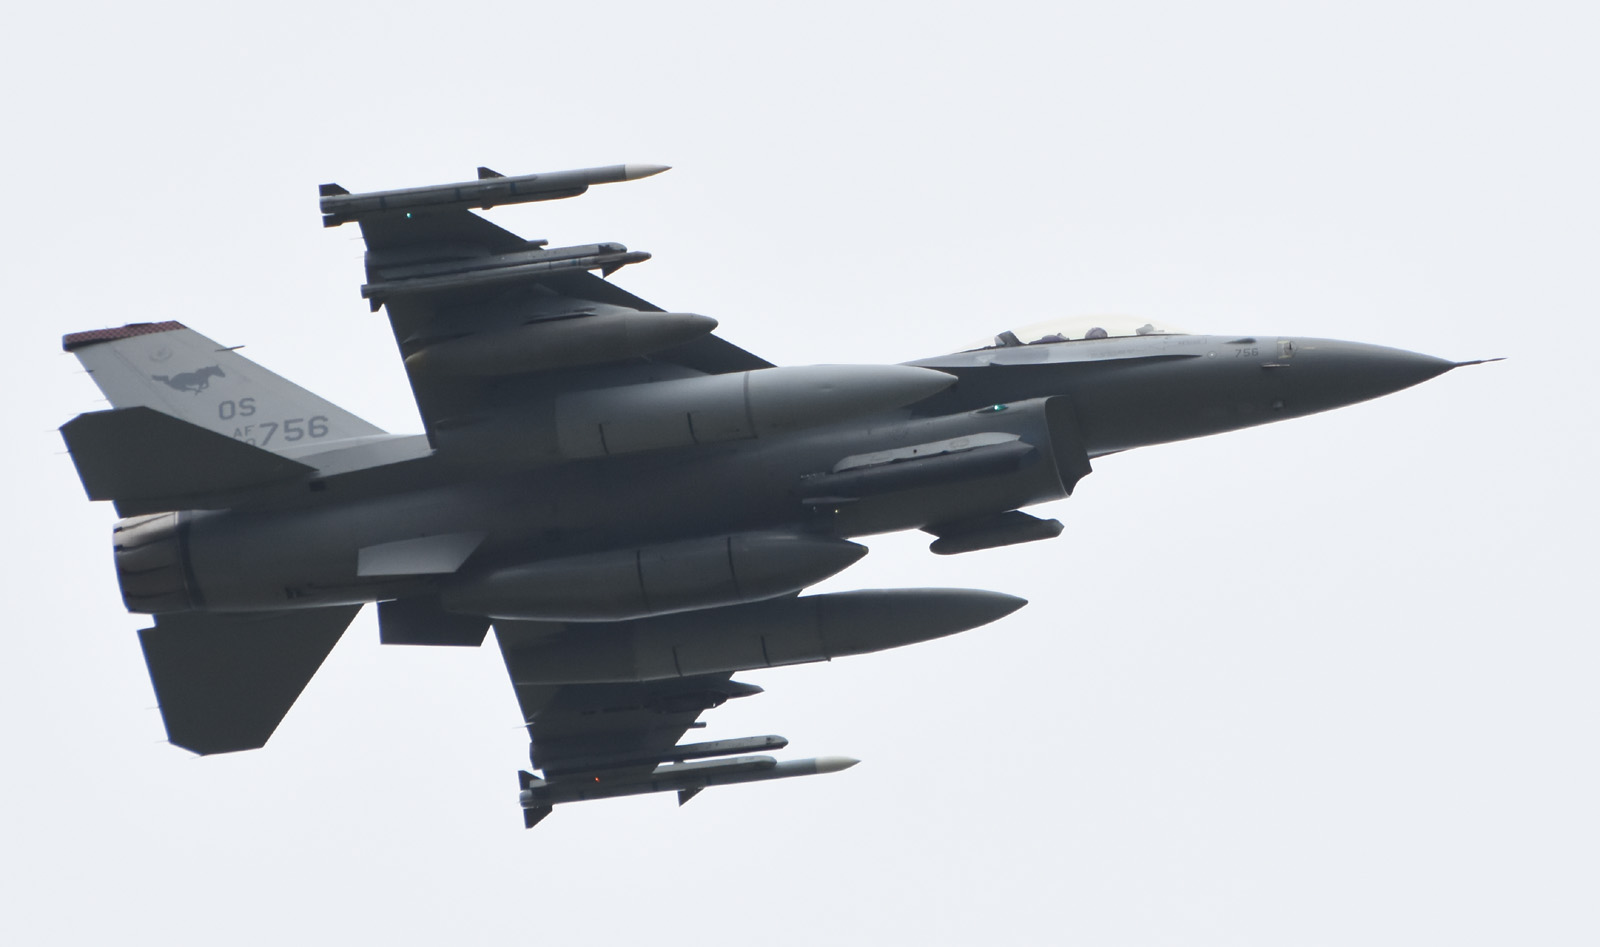 F16cm170606g767